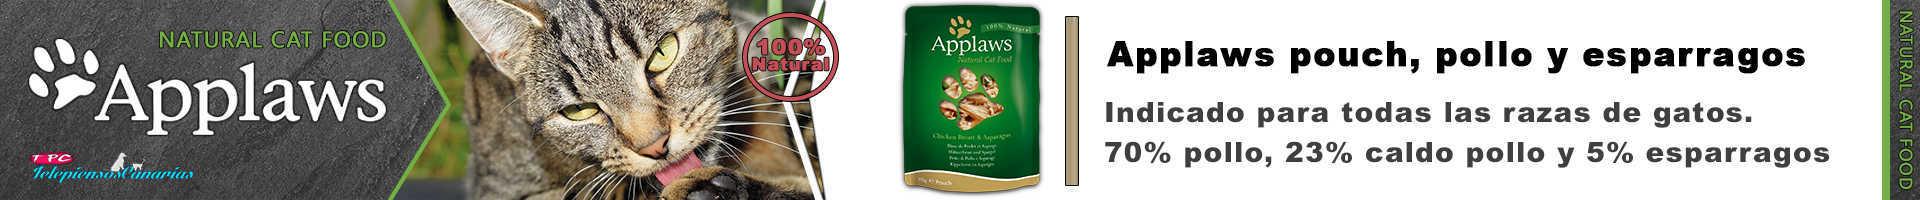 Applaws pouch con caldo de pollo y espárragos